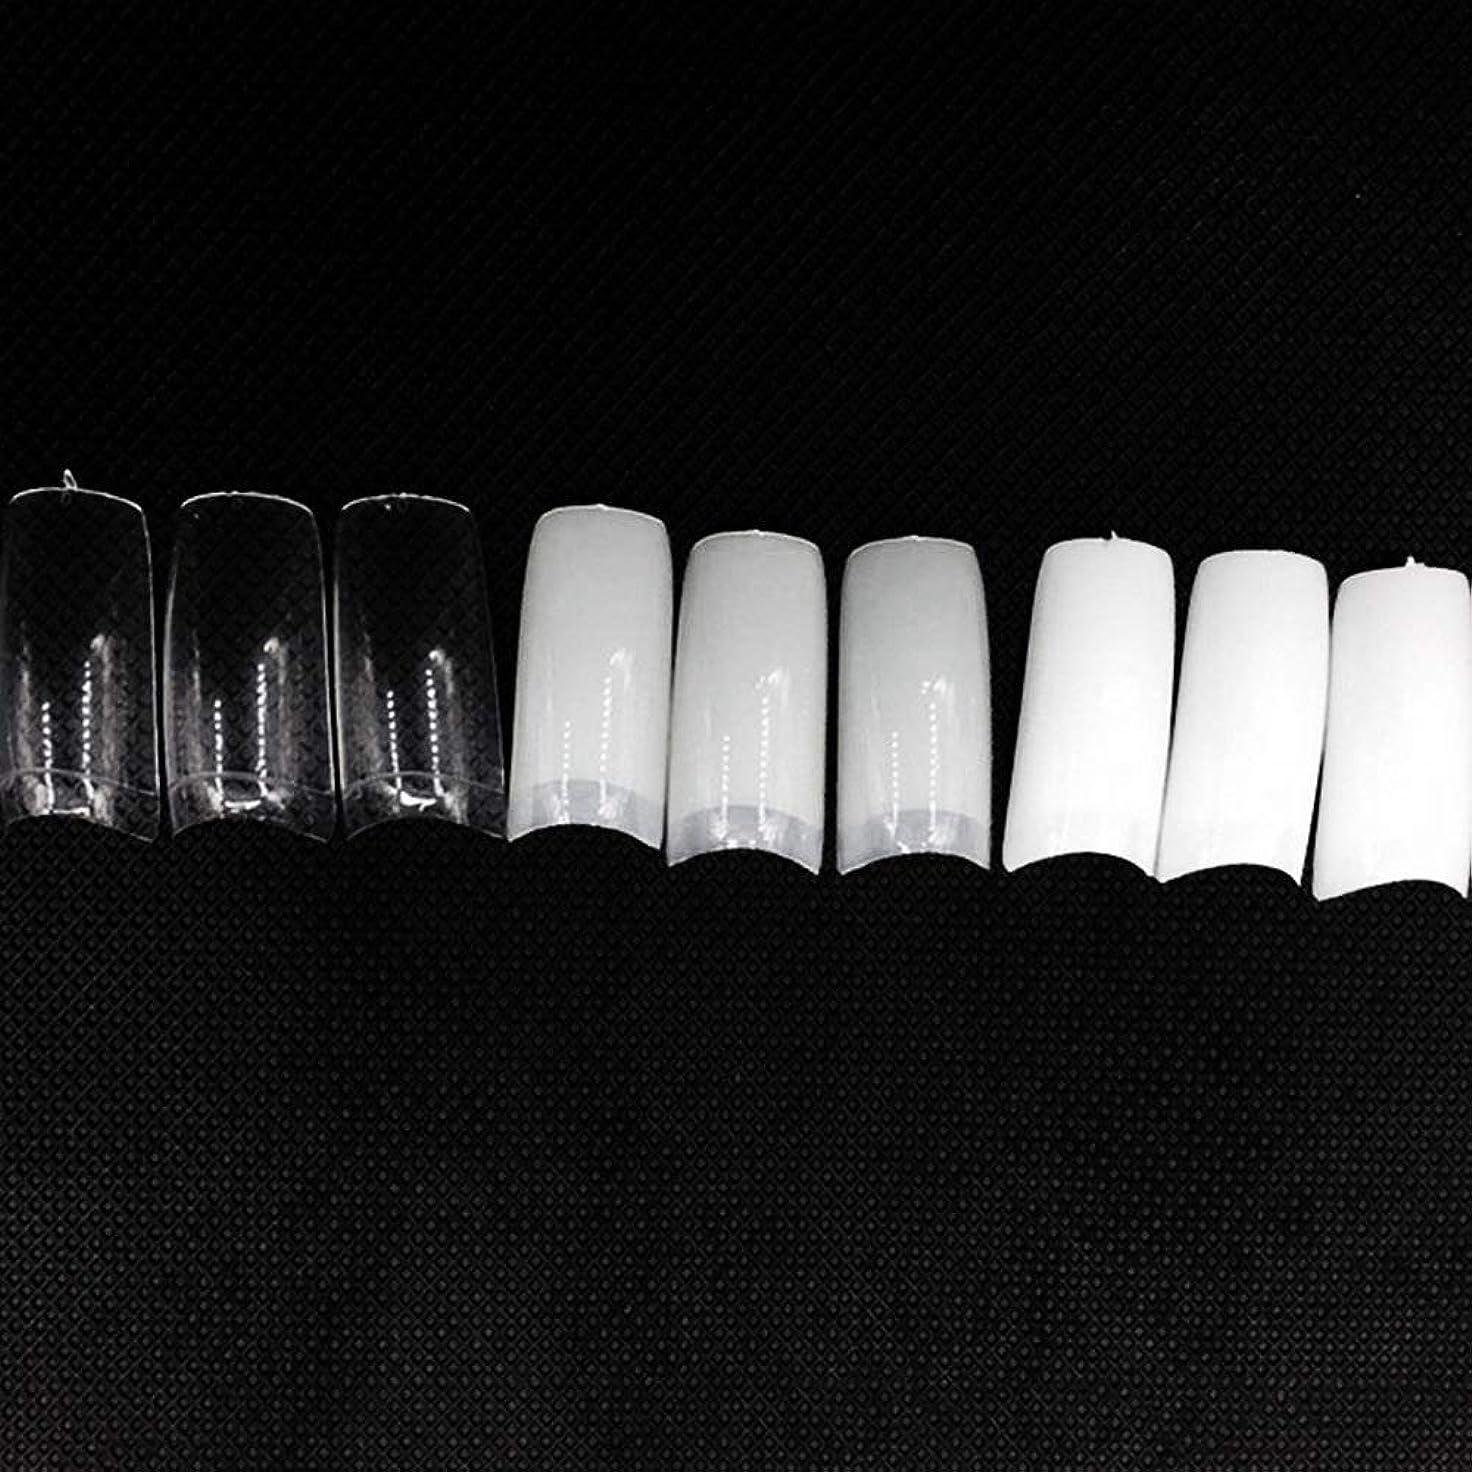 行為真実にに対応ネイルチップ つけ爪 偽爪 無地 ロング オーバル 10サイズ デコレーション フルチップ シンプル DIY デザイン 500個/セット Moomai